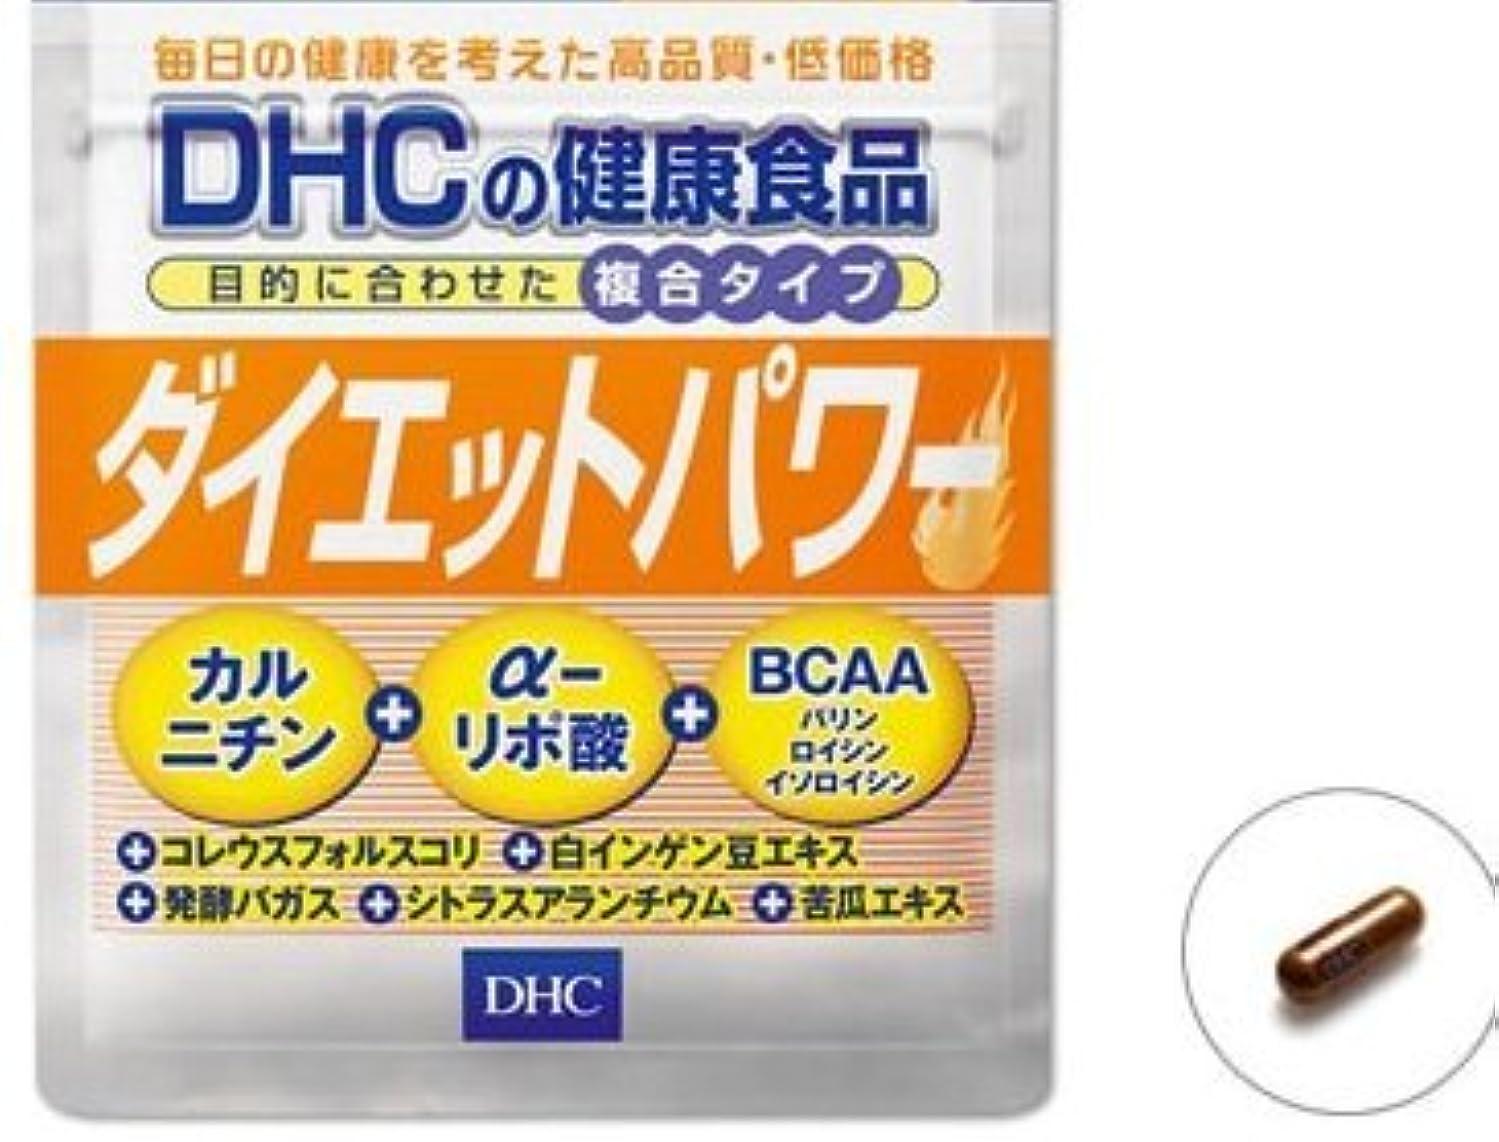 言語学波夕暮れDHC ダイエットパワー 20日分 × 5セット